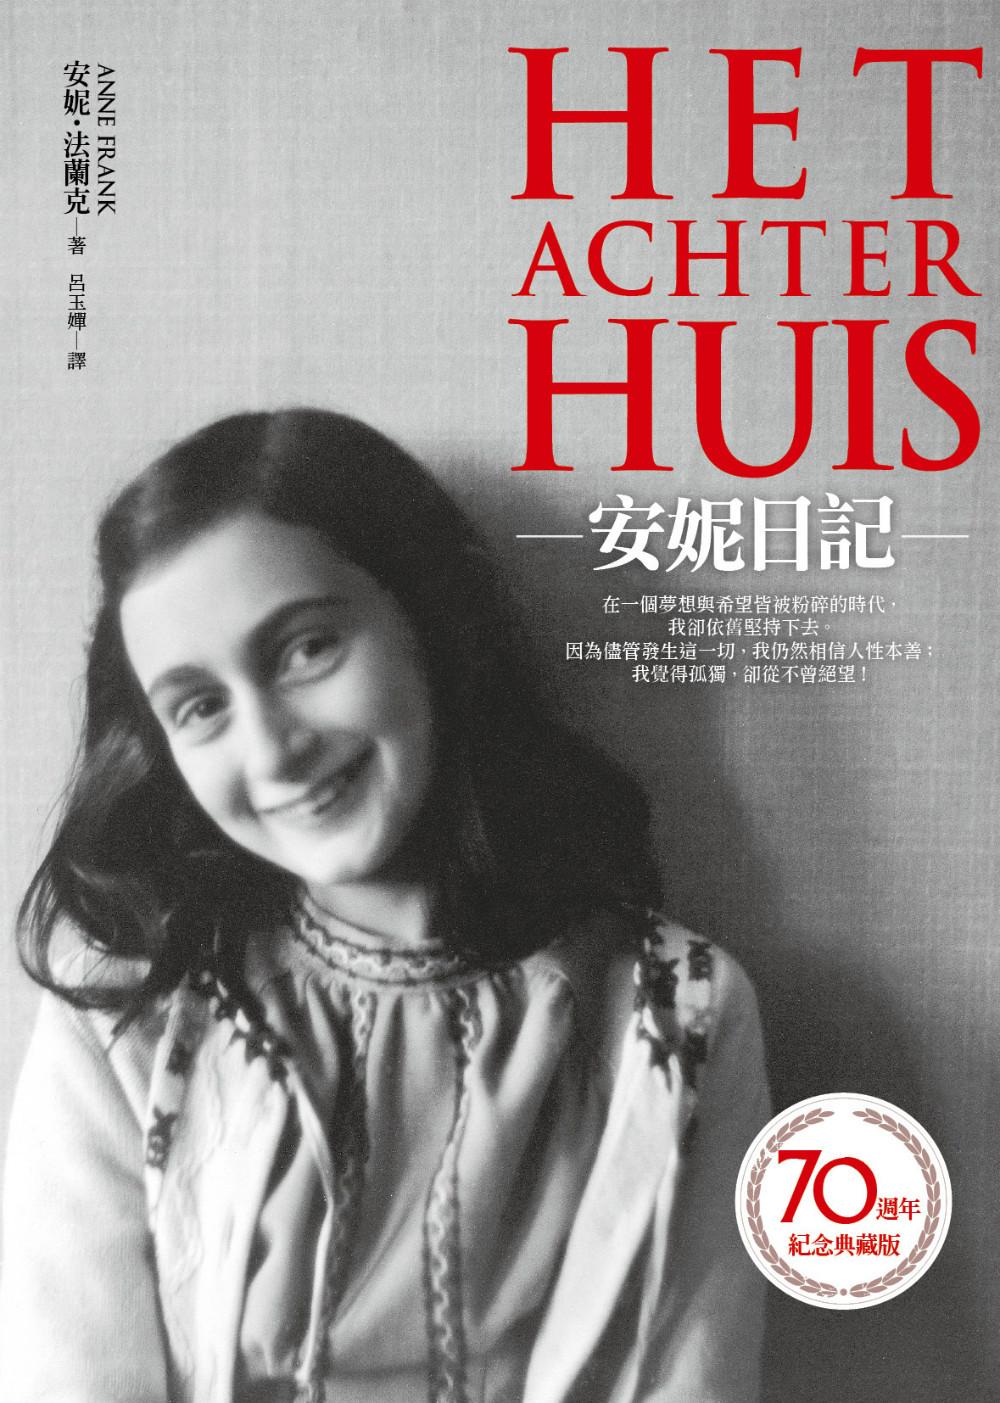 安妮日記【獨家授權.70週年紀念典藏版】 (電子書)